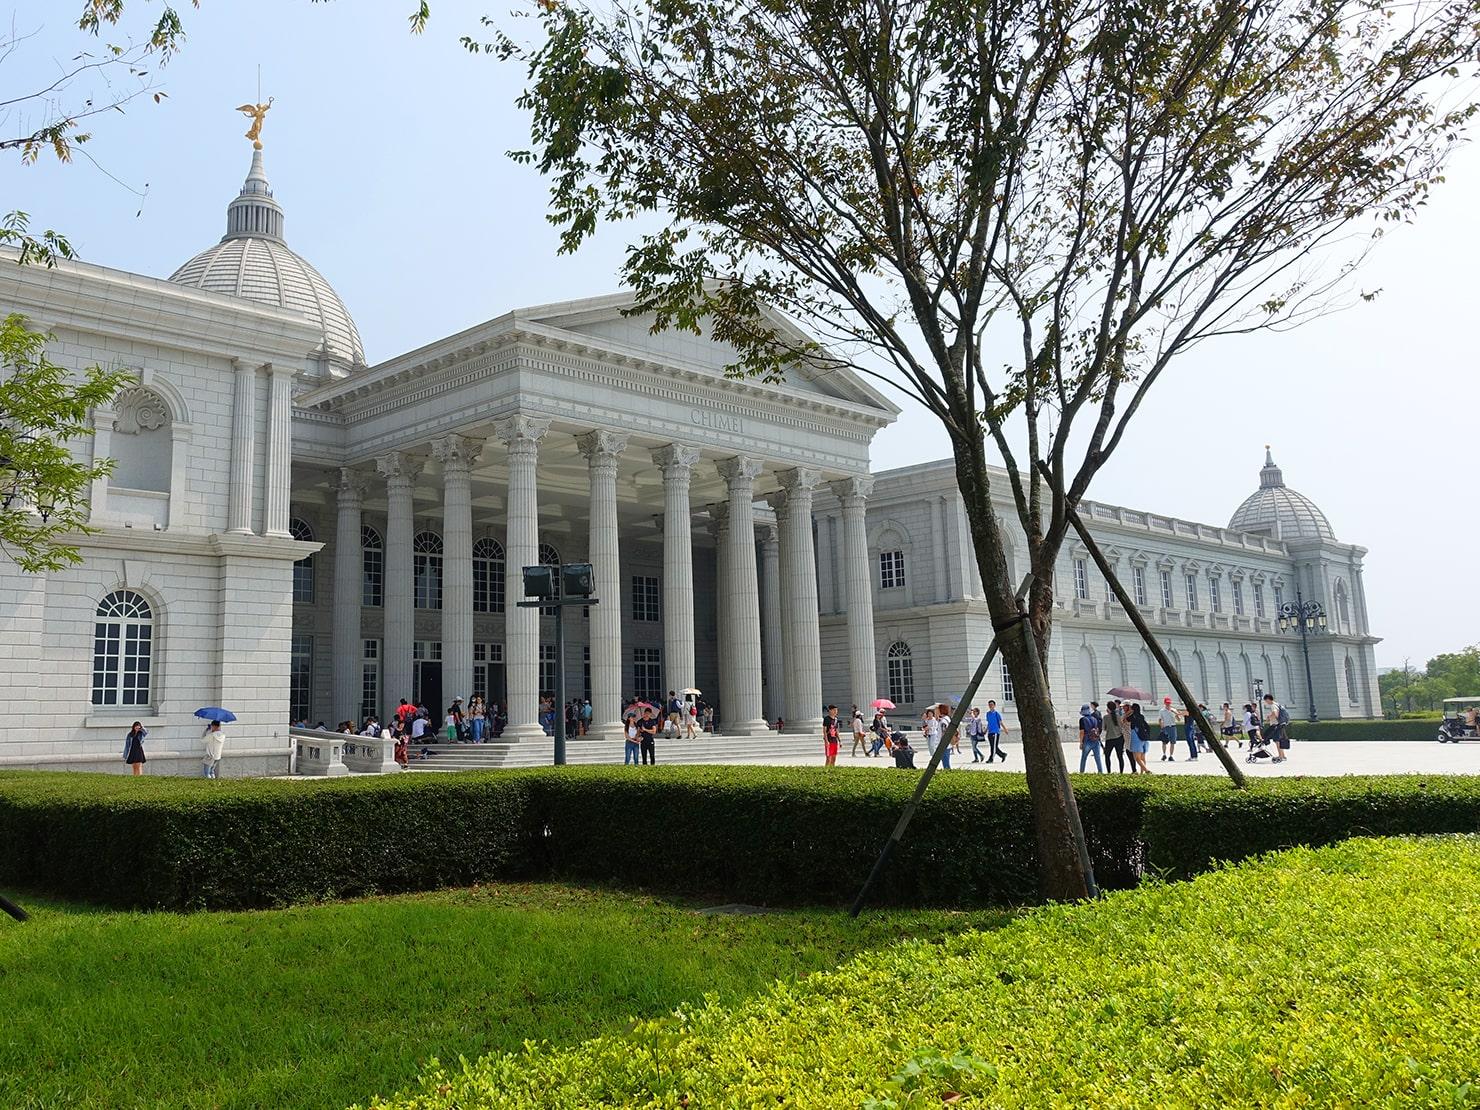 台南市街郊外のおすすめ観光スポット「奇美博物館」の外観